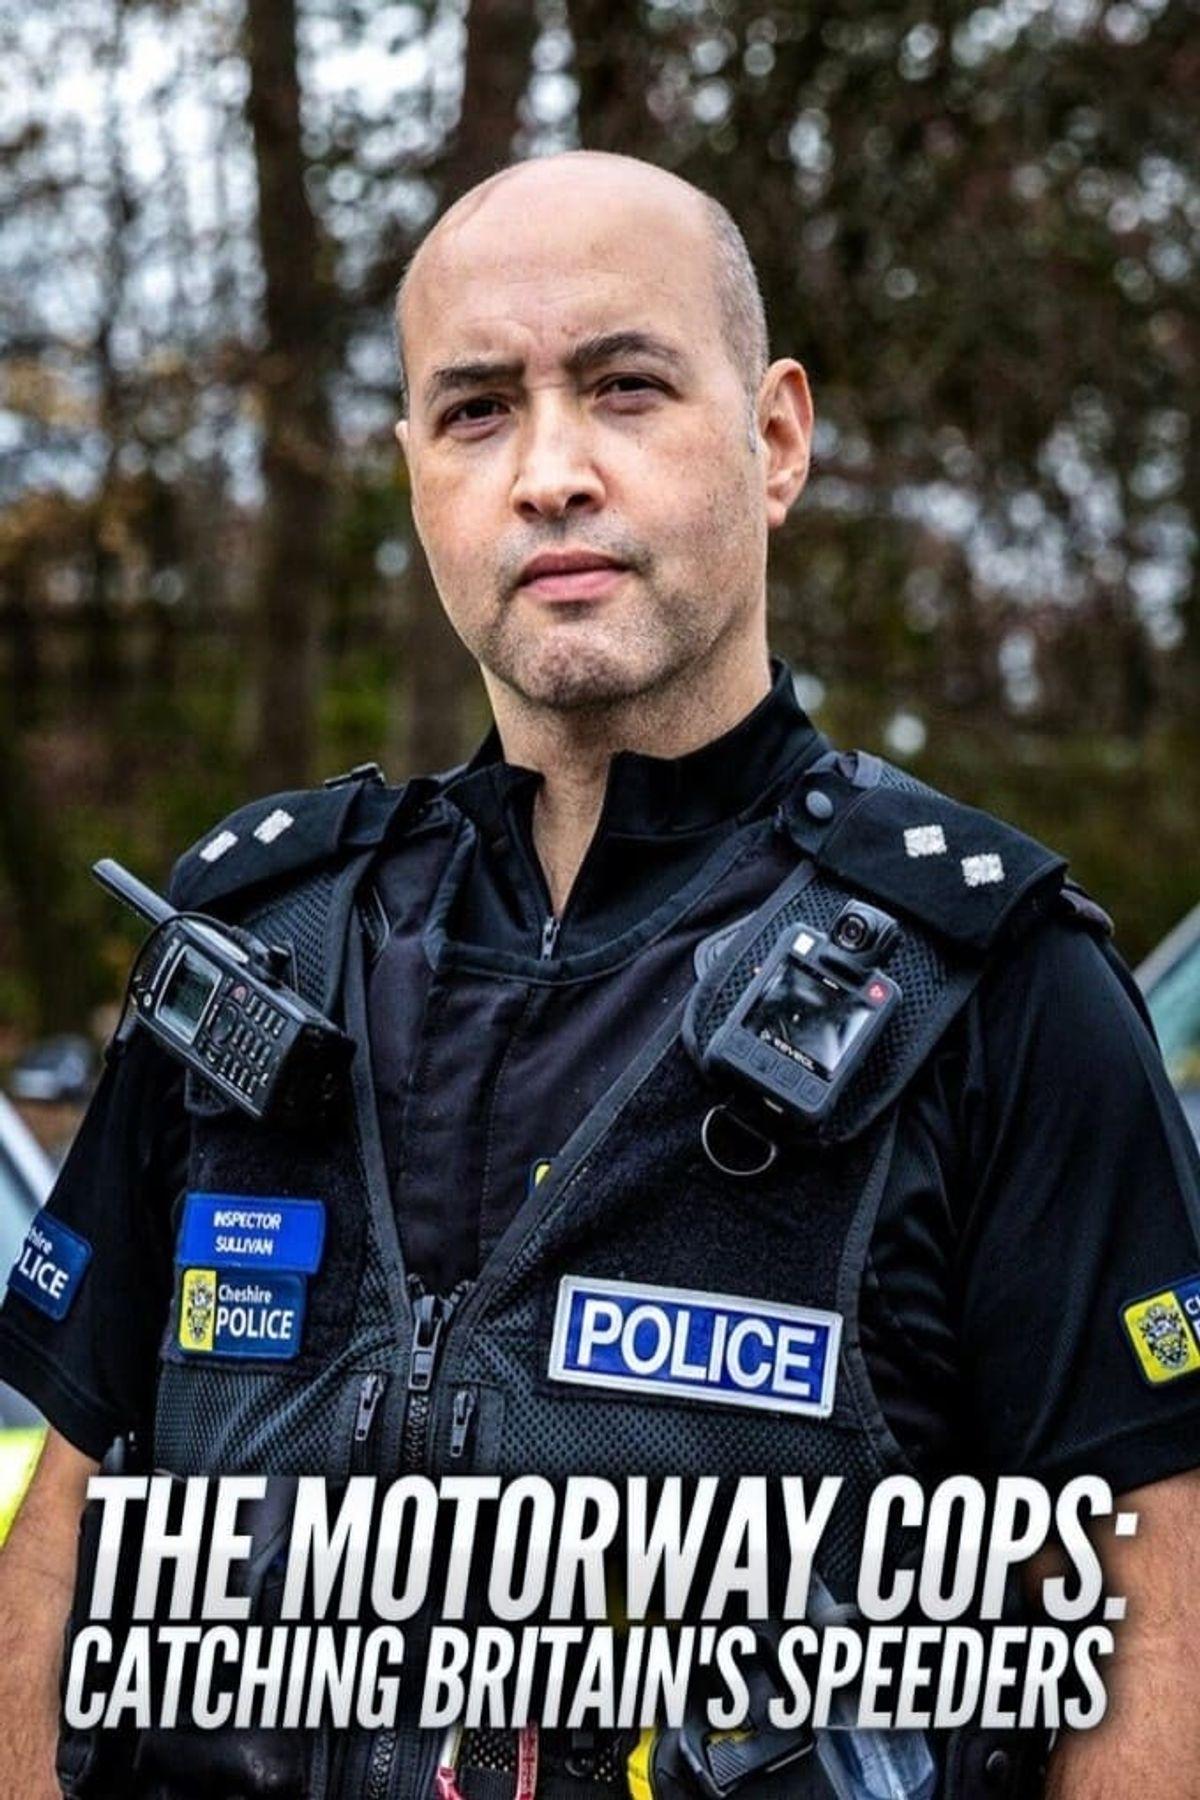 Motorway Cops: Catching Britain's Speeders